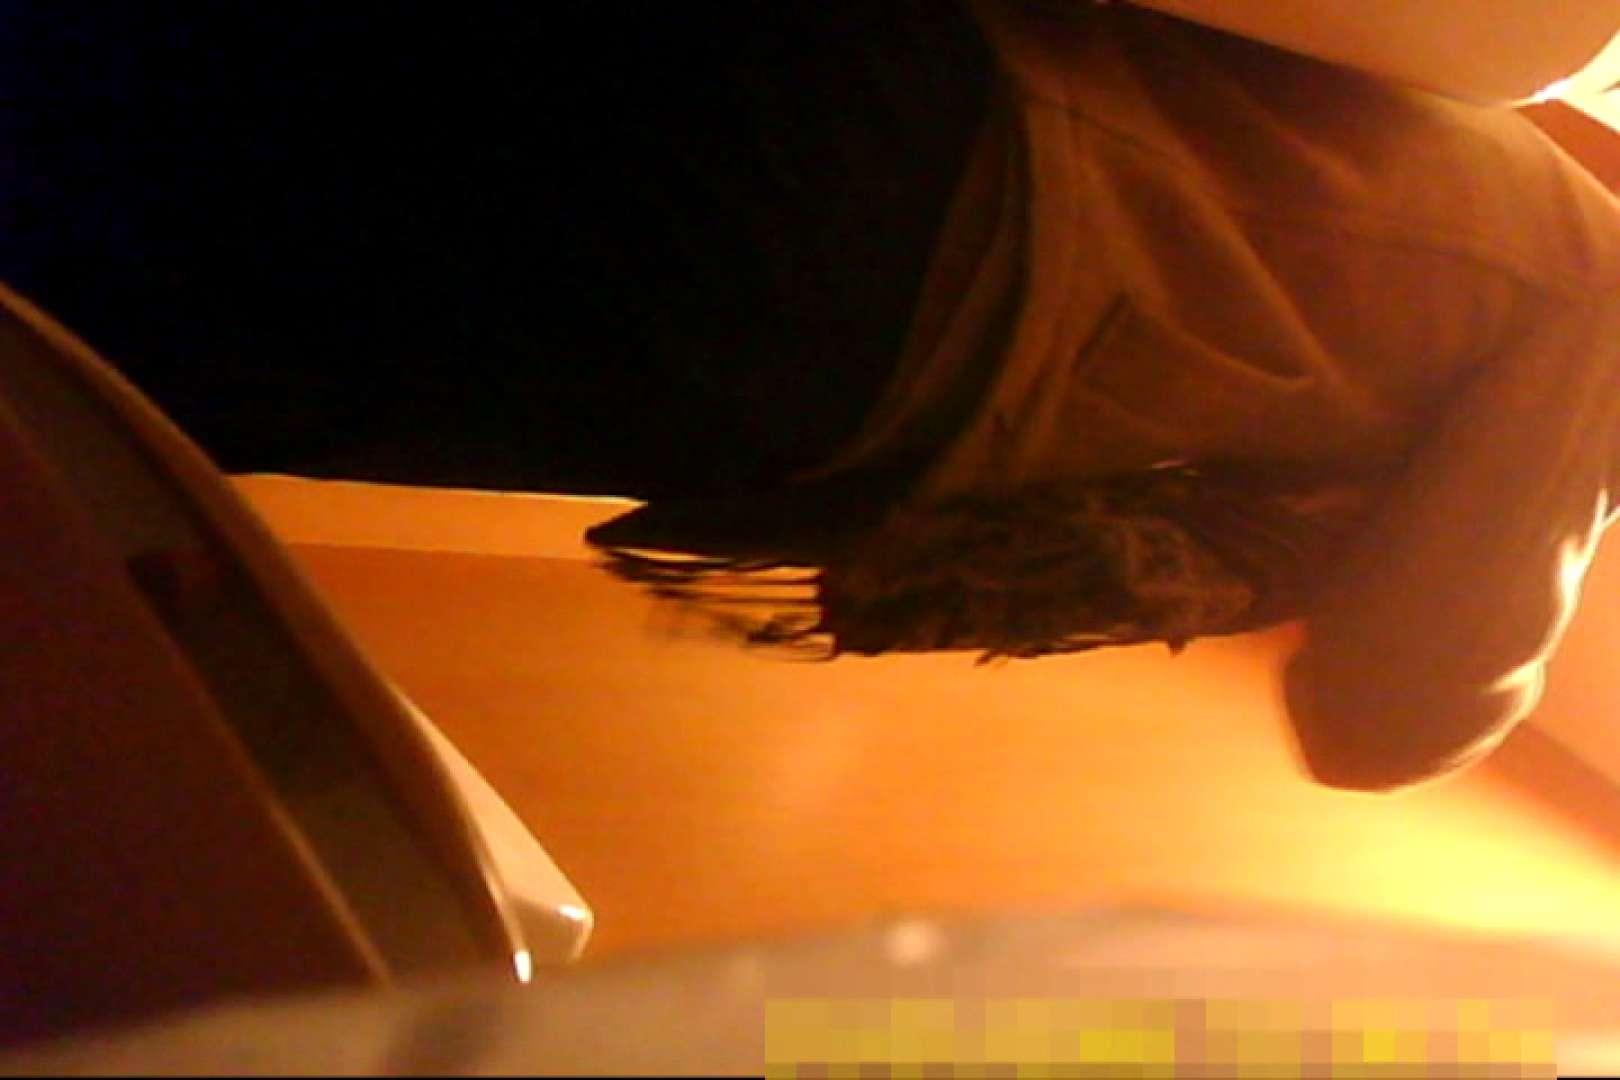 魅惑の化粧室~禁断のプライベート空間~vol.6 プライベート映像お届け SEX無修正画像 69連発 7